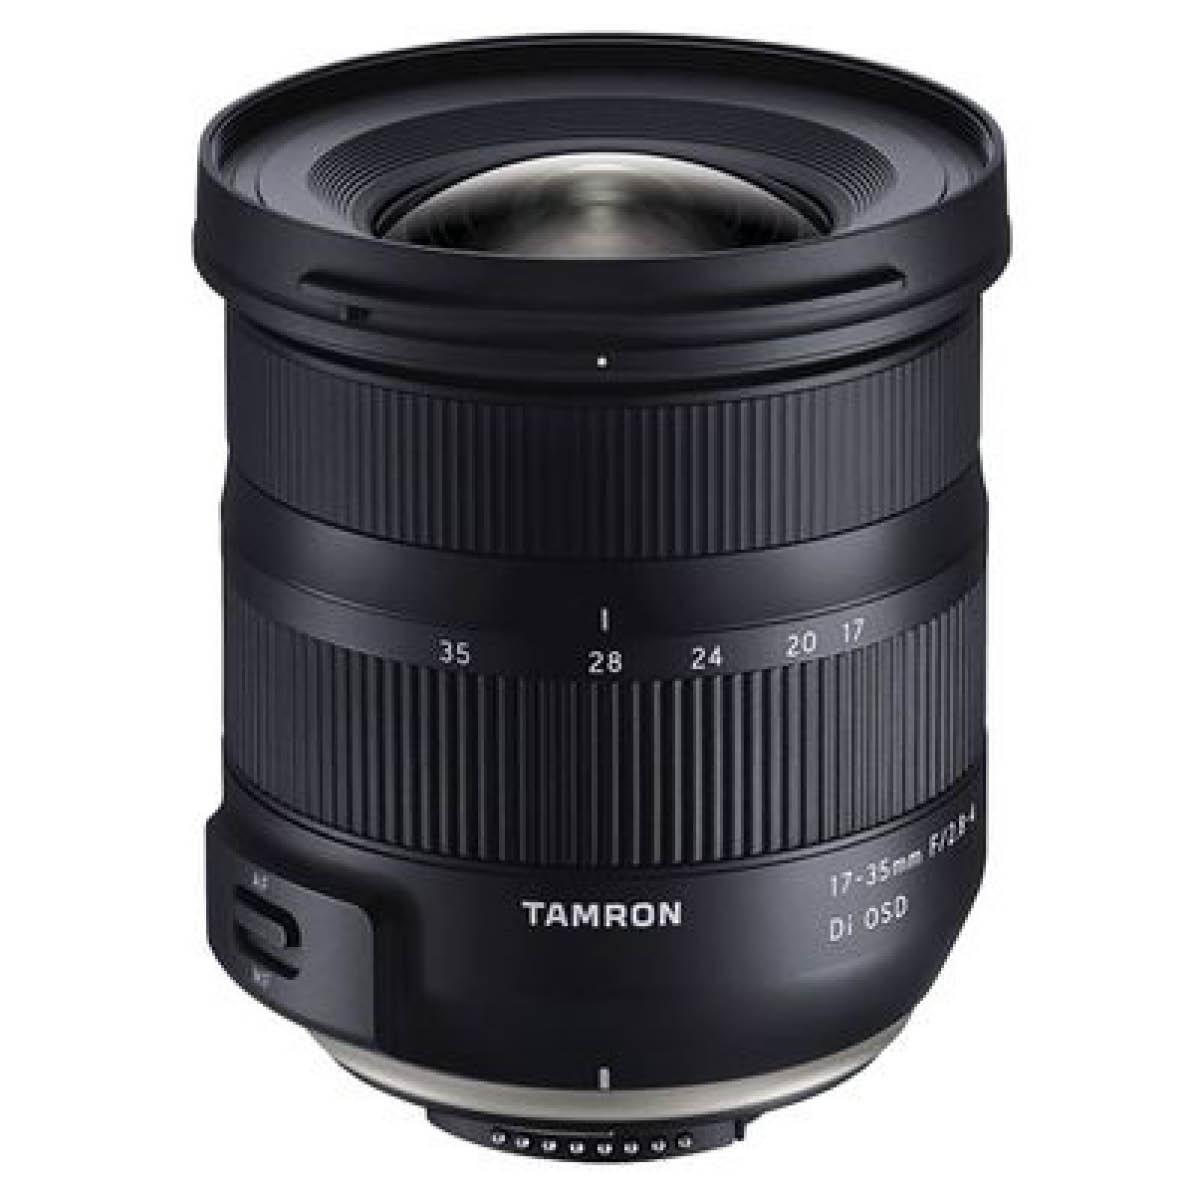 Tamron 17-35 mm 1:2,8-4,0 Di OSD EF